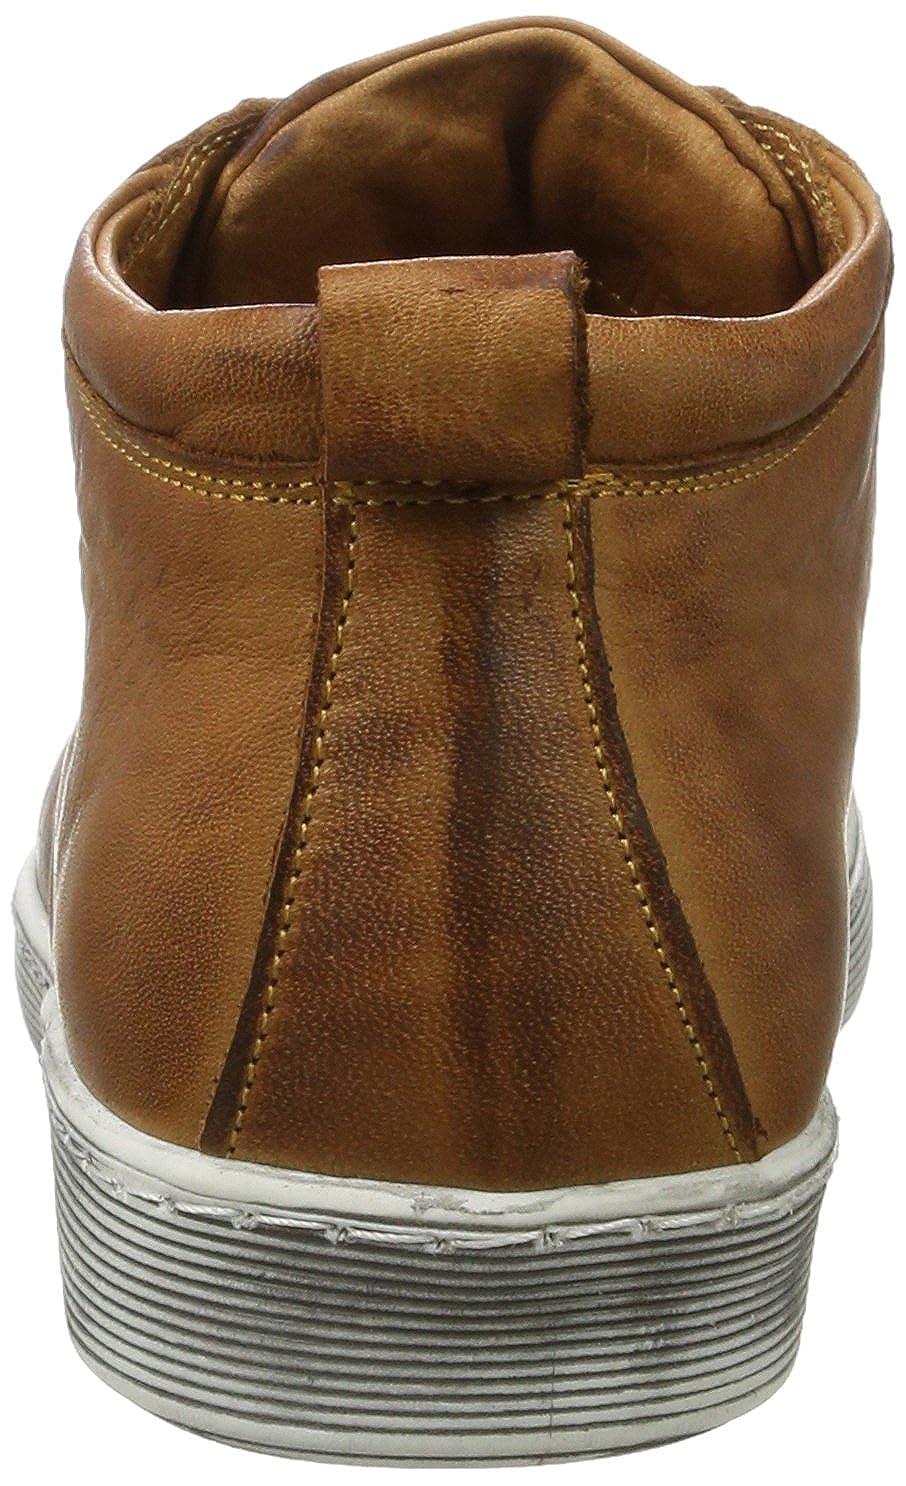 Andrea Conti 0341522, Botas para Mujer: Amazon.es: Zapatos y complementos